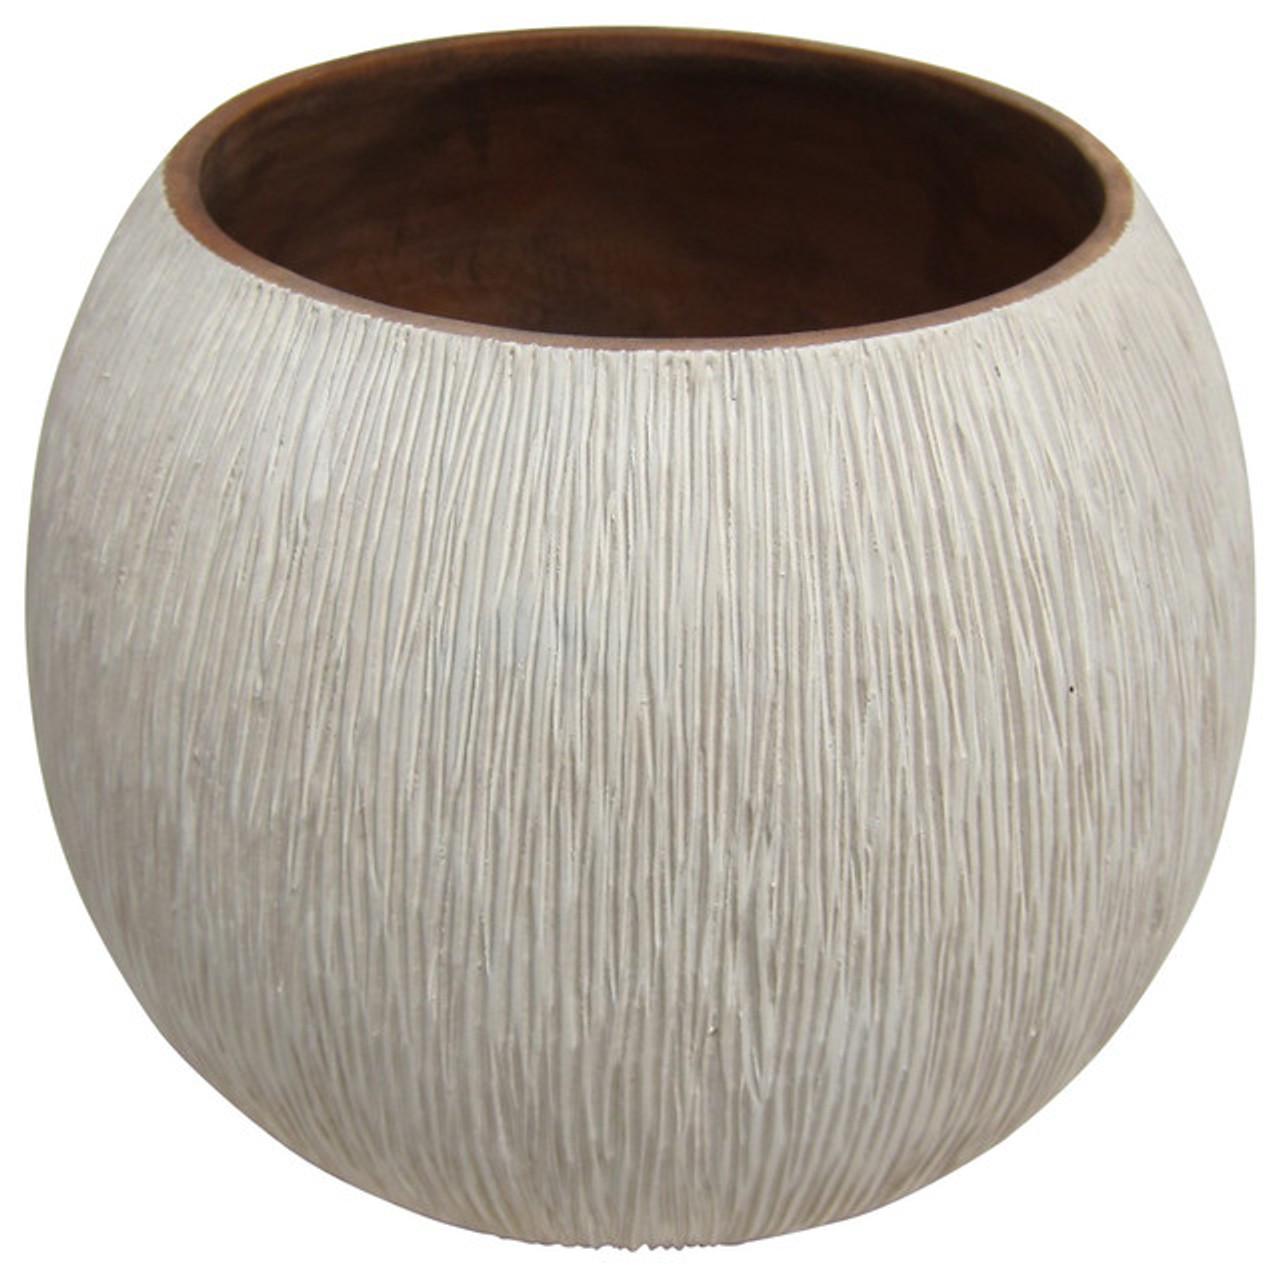 Mango Wood Hand Chiseled Vase - Low